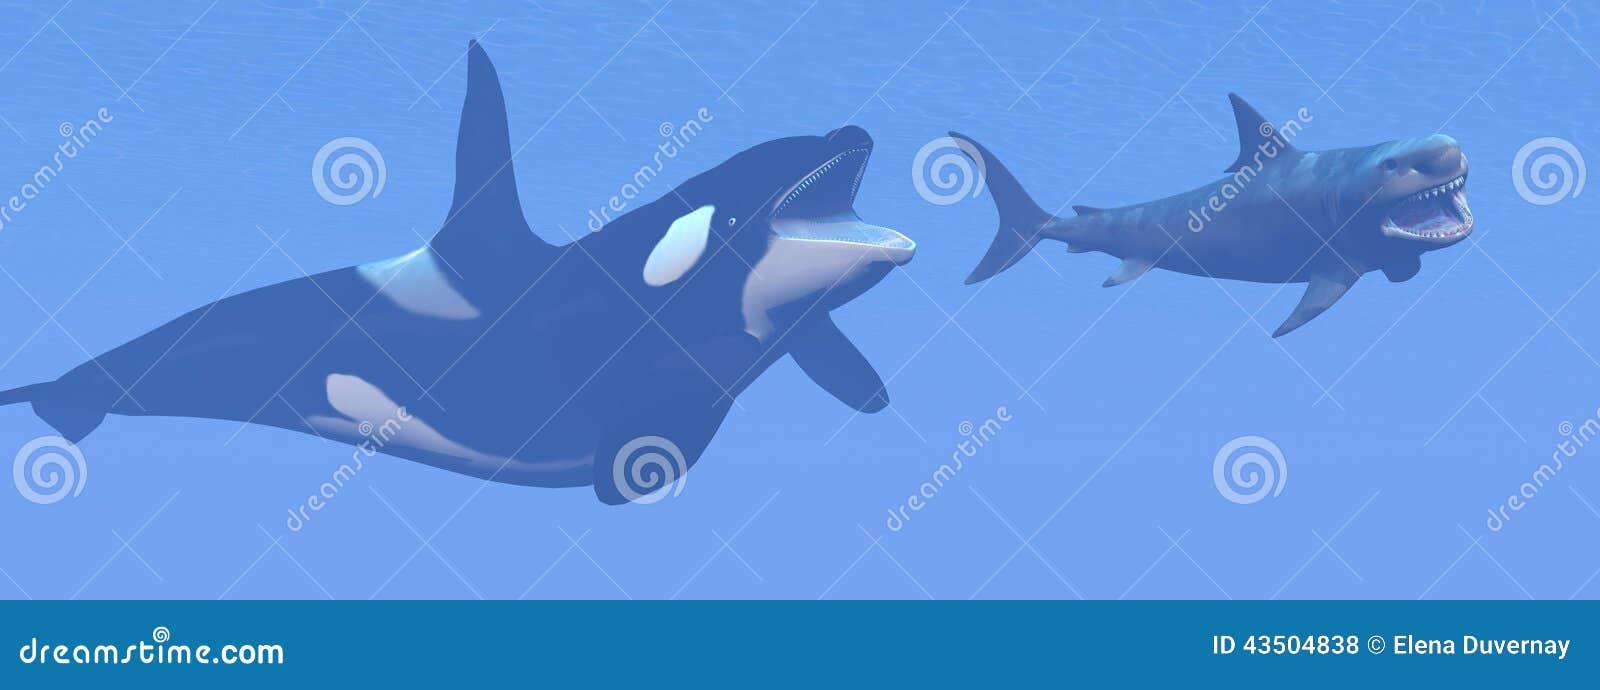 Killer Whale Attacking Small Megalodon Shark - 3D Stock Illustration - Image: 43504838